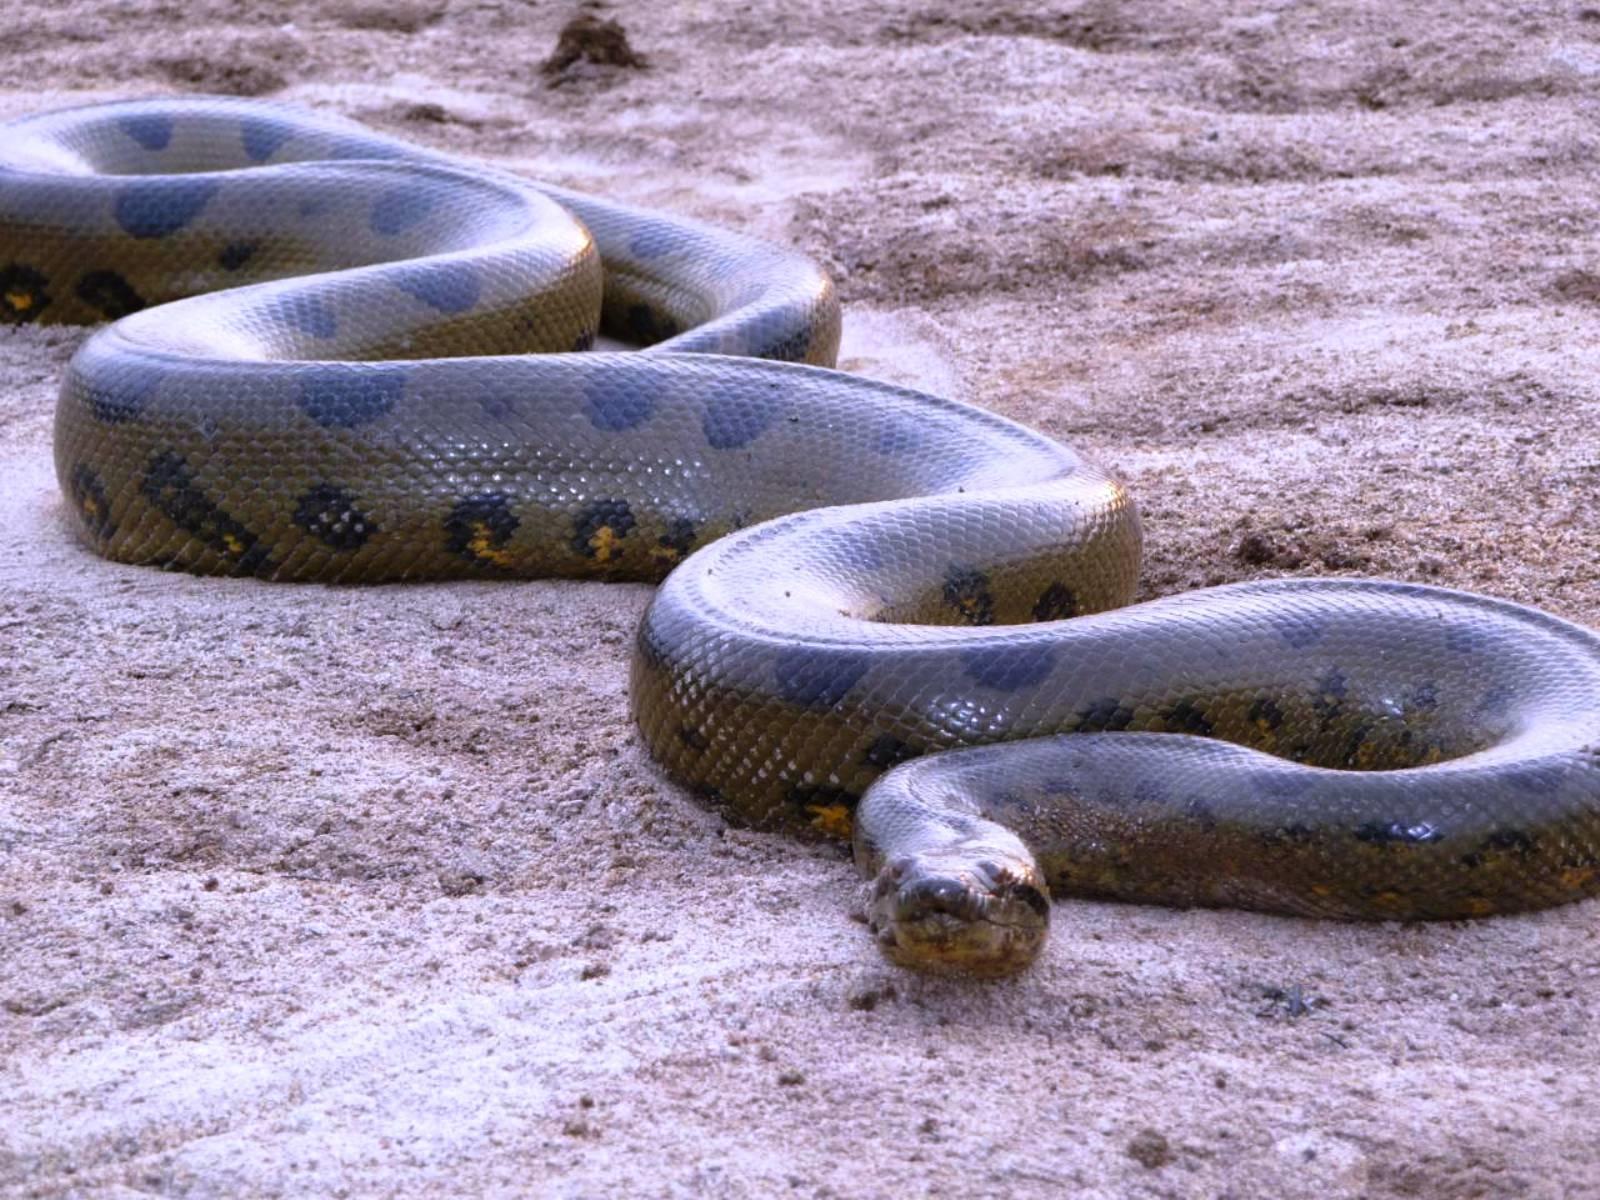 огромная змея картинки зависимости навыков можно